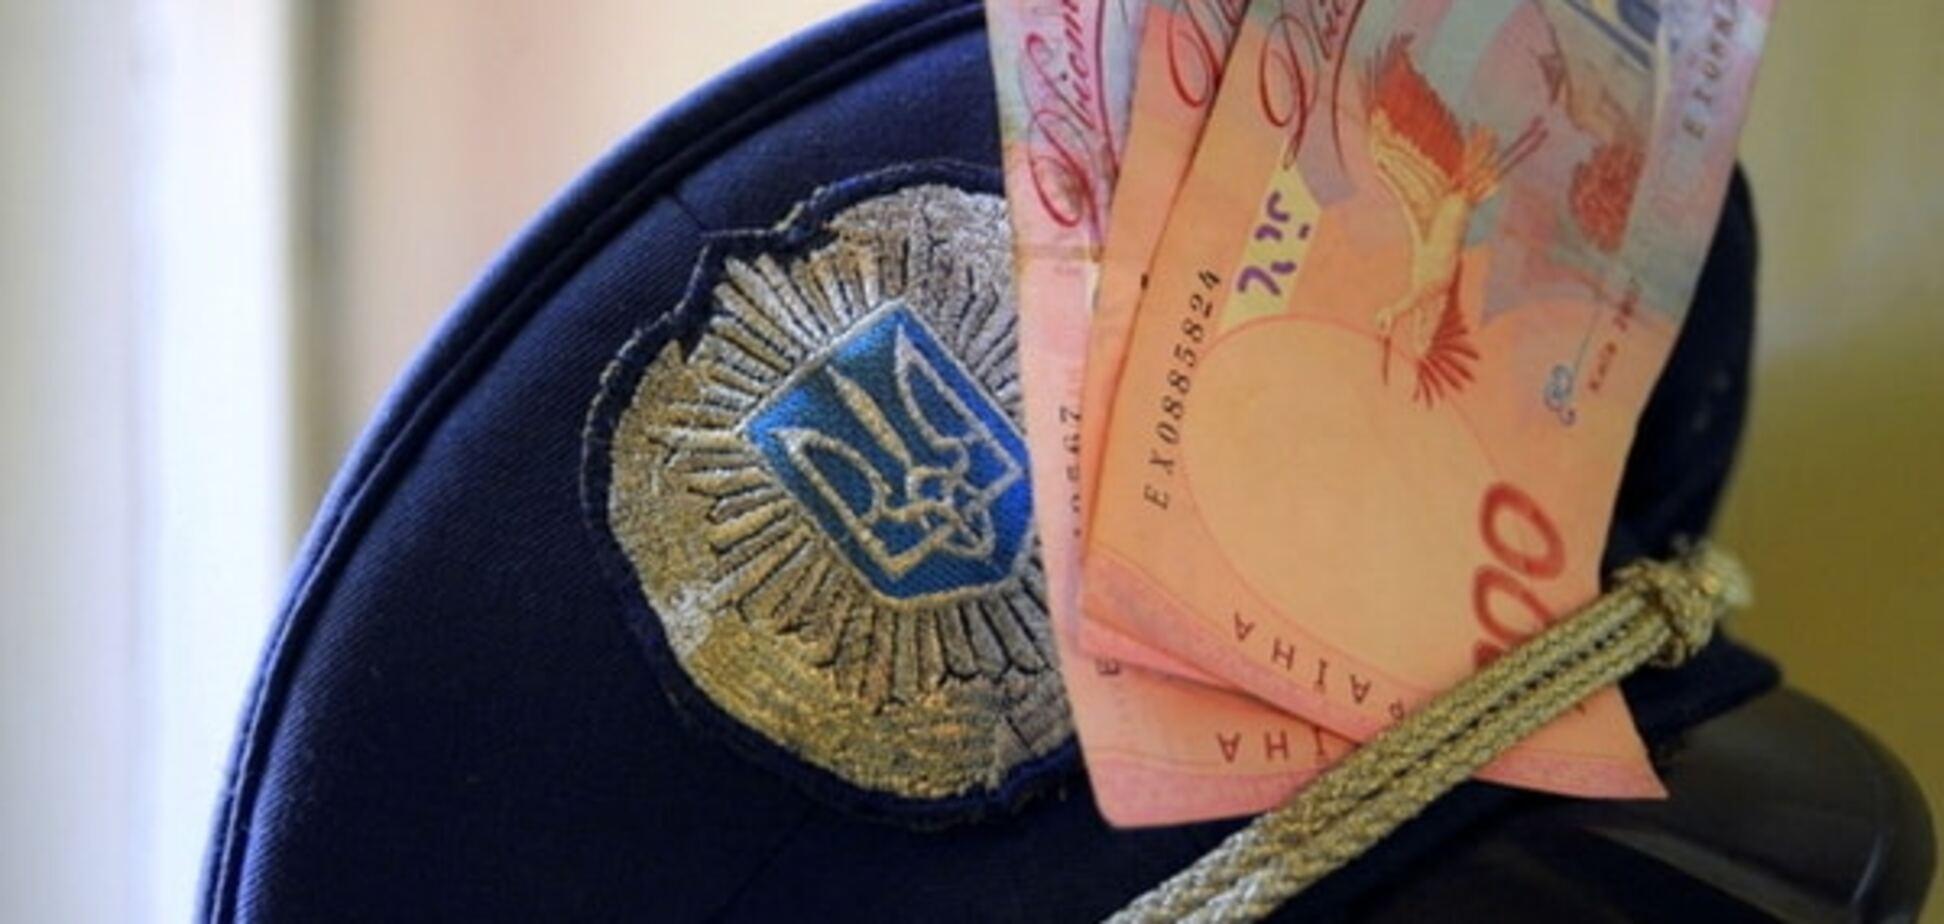 Одеські 'борці з наркотиками' вимагали у пенсіонера 50 тисяч